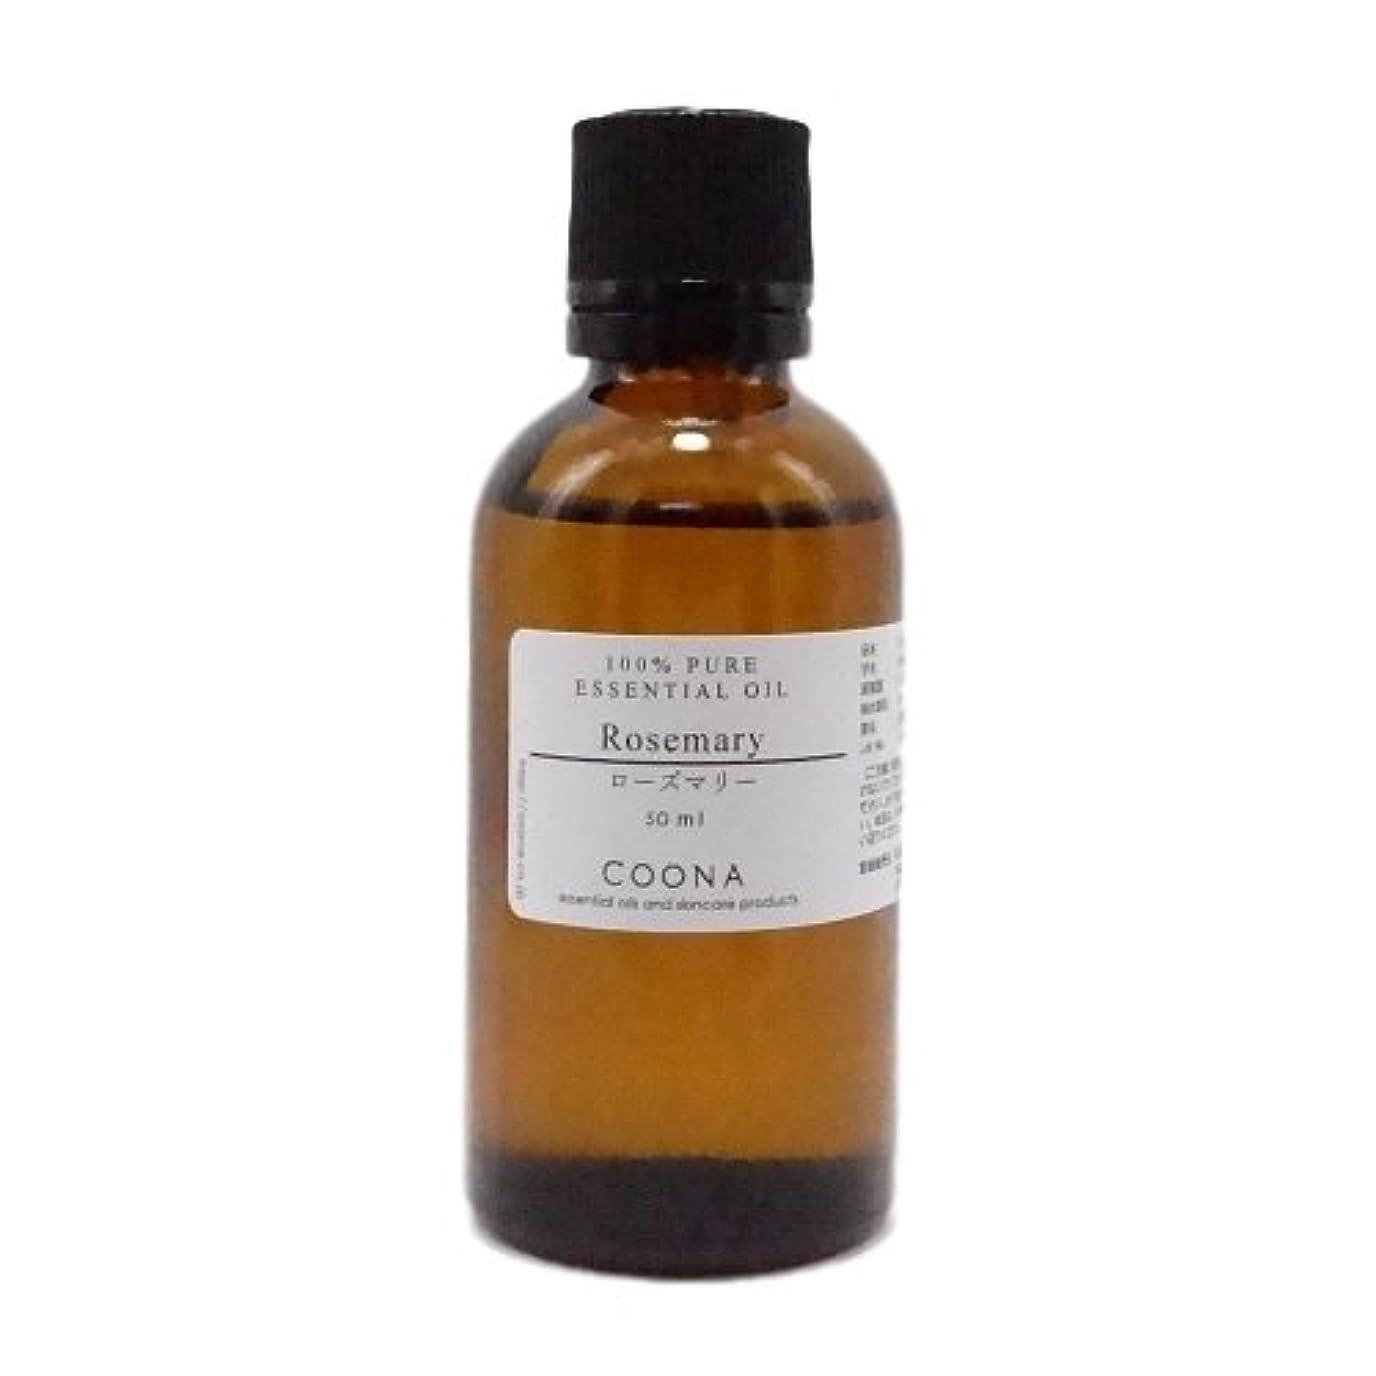 ほめるラップ冷酷なローズマリー 50 ml (COONA エッセンシャルオイル アロマオイル 100% 天然植物精油)